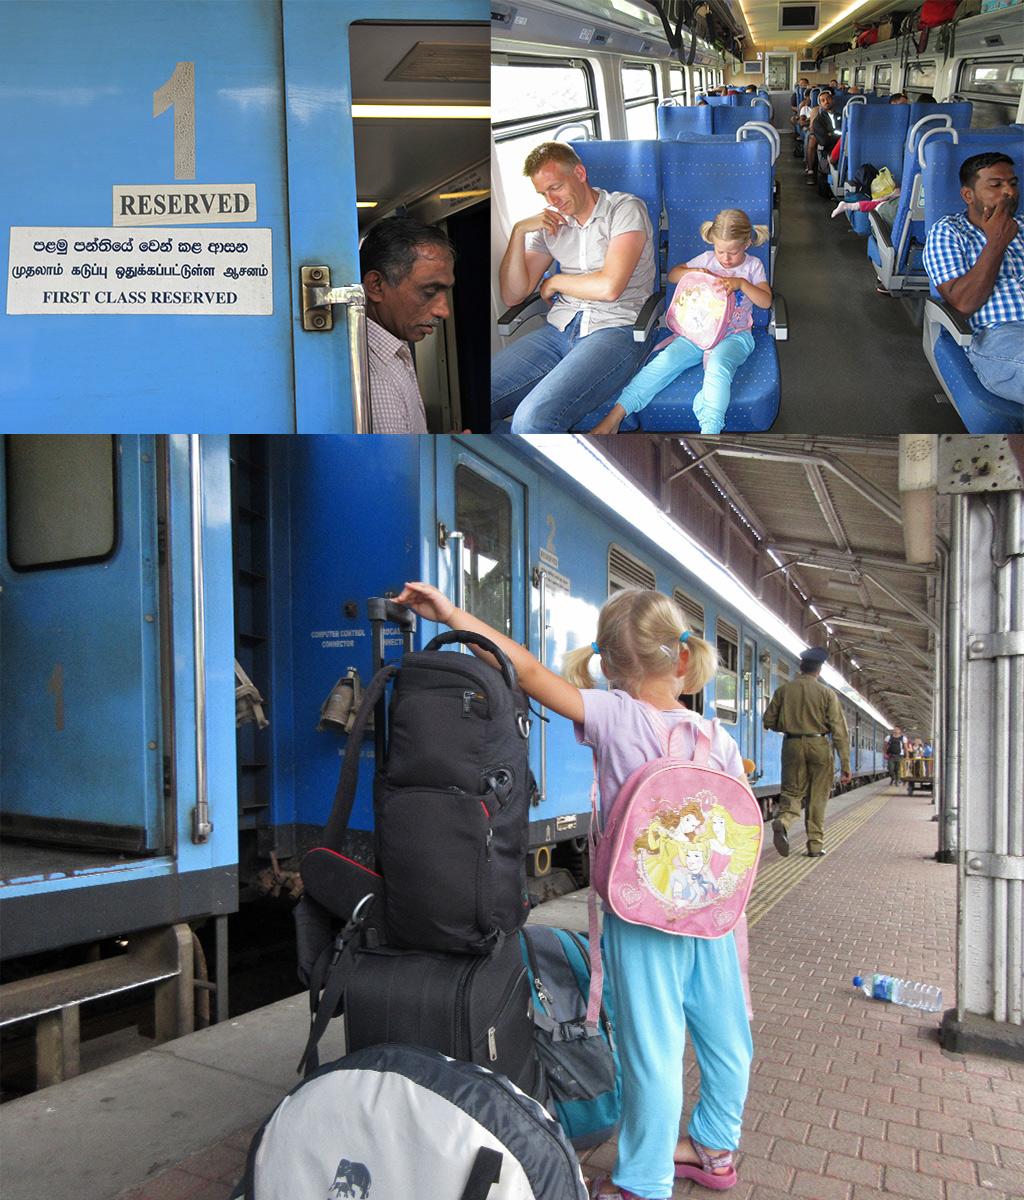 treinreis door zuid afrika